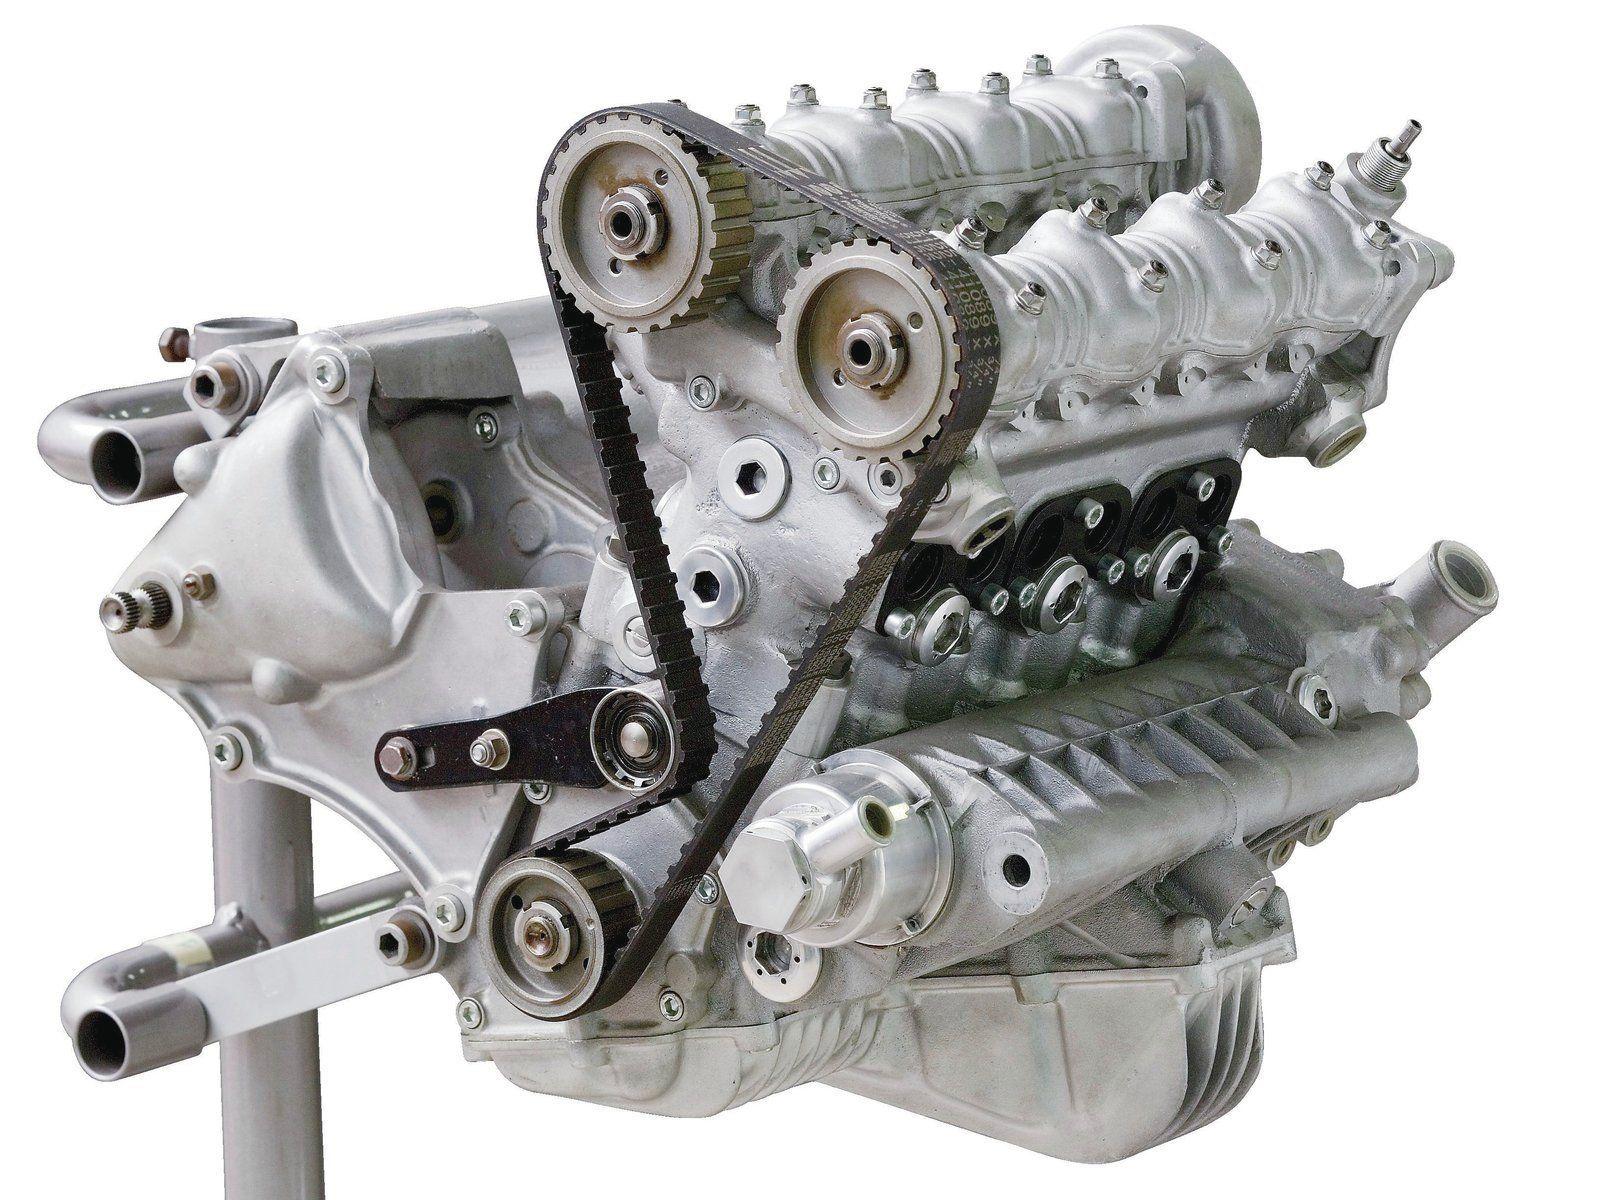 DUCATI 曾委託他人設計一具直列三缸引擎,準備以此重返賽車場